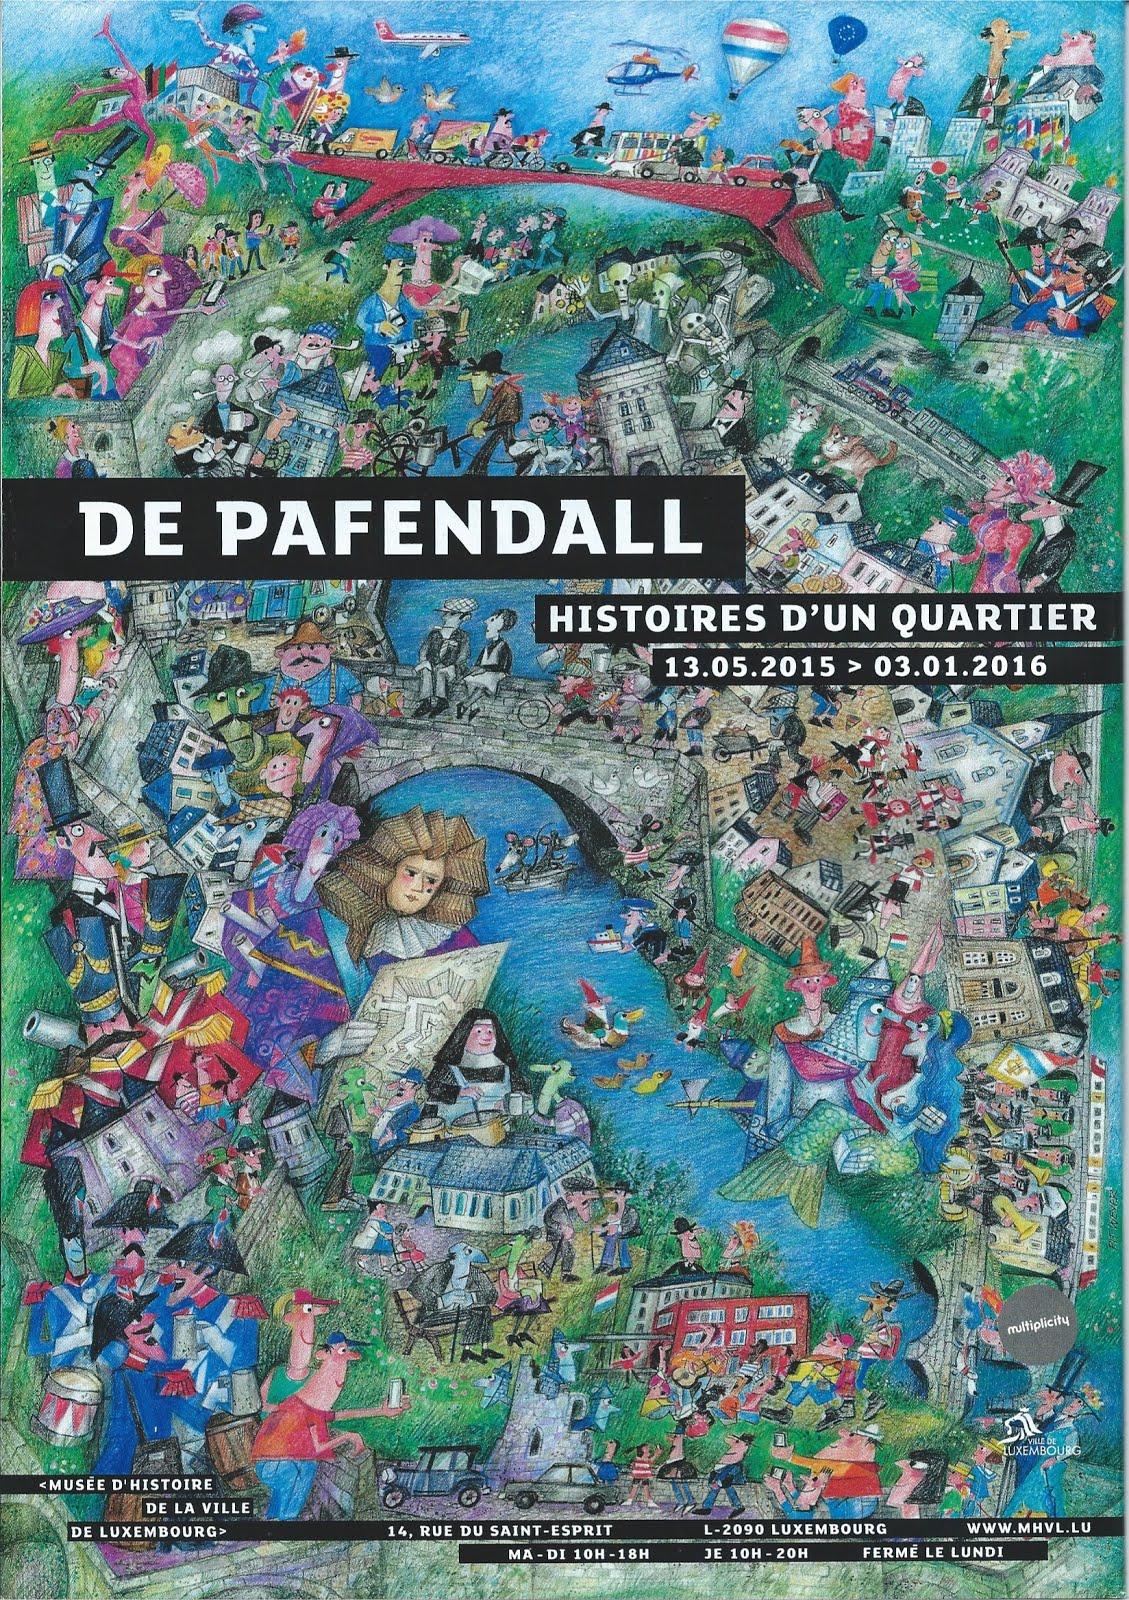 """VIDEO - DE PAFENDALL """"Histoires d'un quartier"""". Cliquez sur l'image. Version en luxembourgeois."""